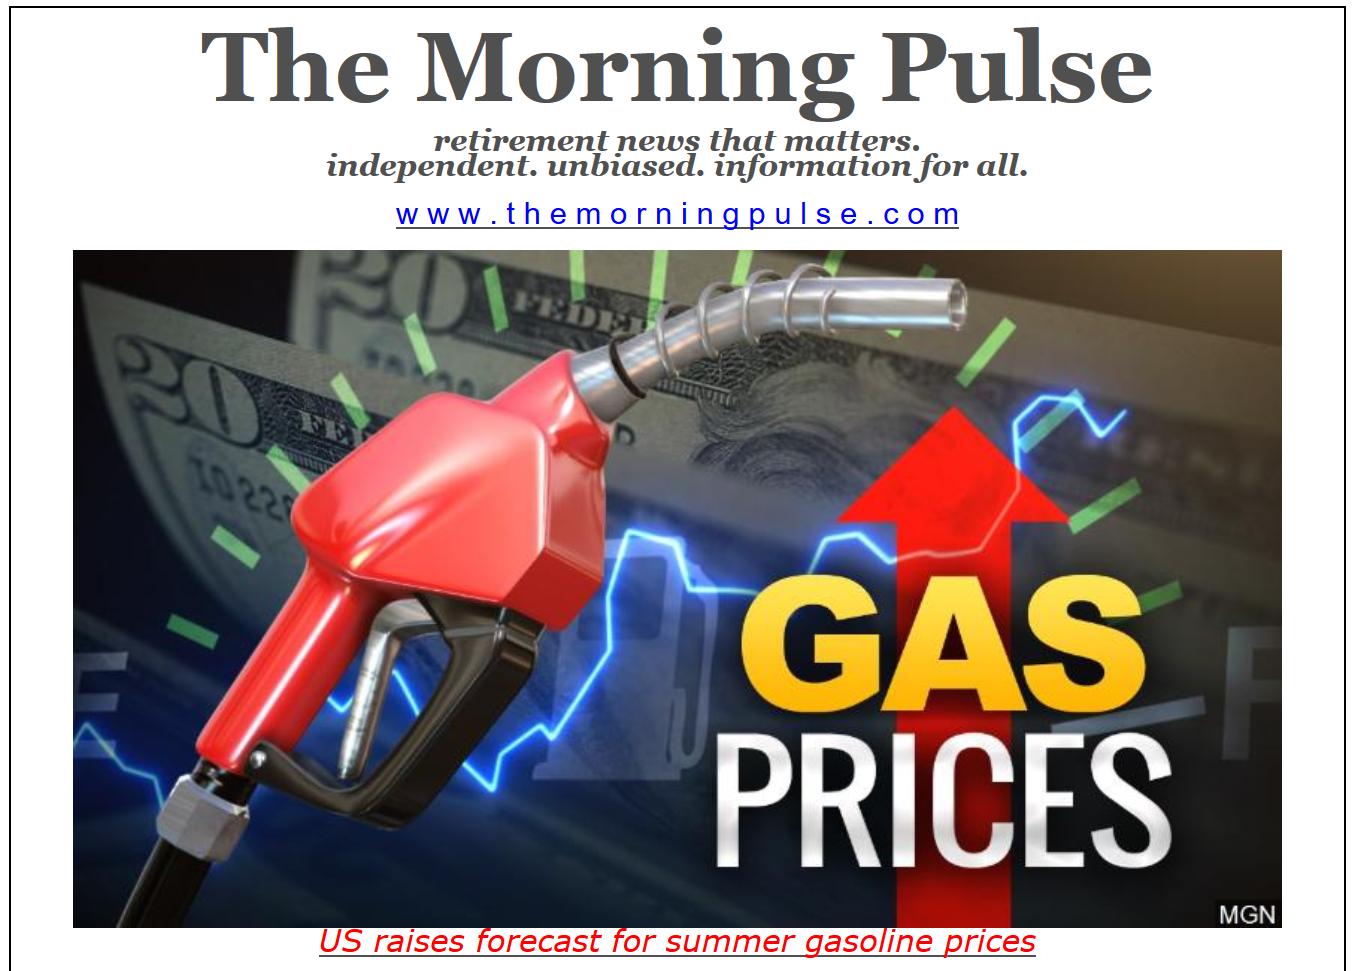 The Morning Pulse – May 10, 2019